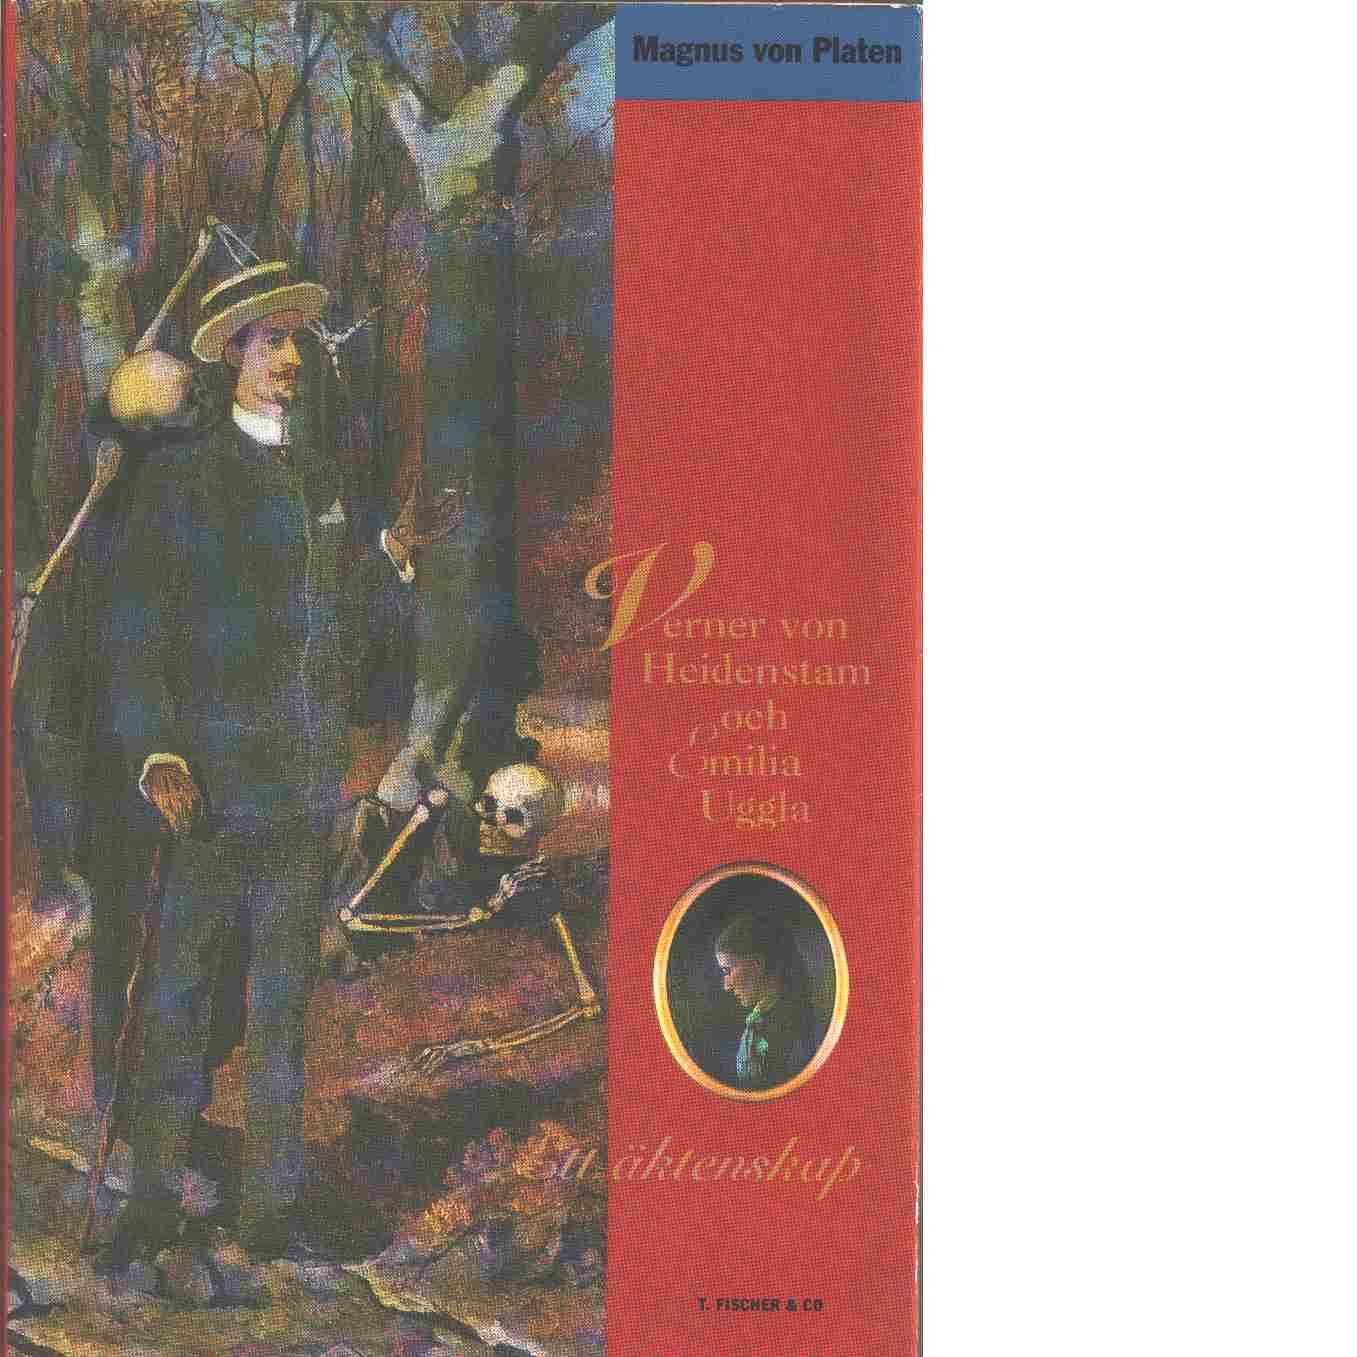 Verner von Heidenstam och Emilia Uggla : ett äktenskap - Platen, von   Magnus